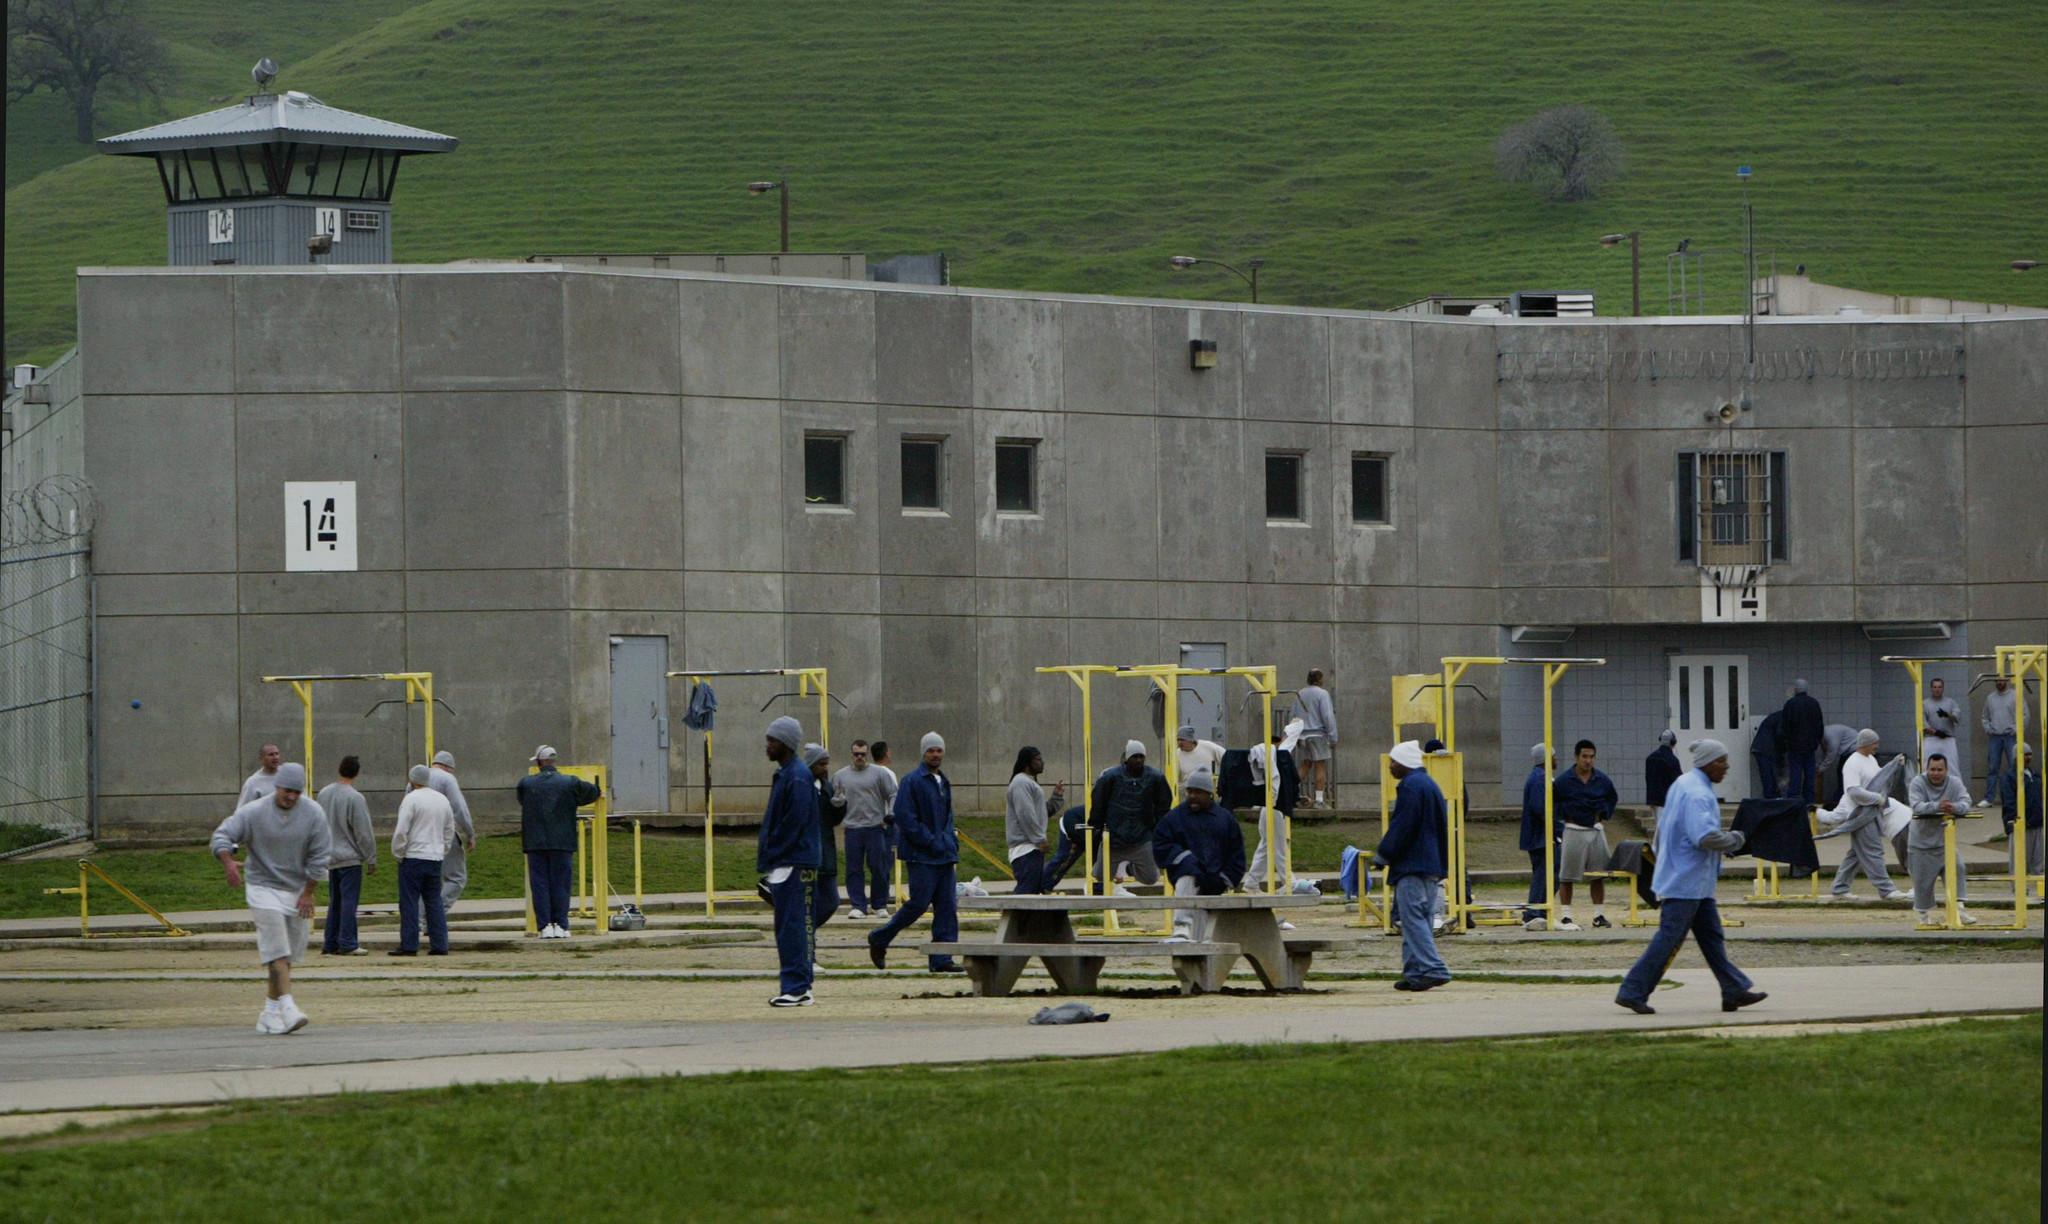 Brawl erupts, inmate found dead at Vacaville prison - LA Times